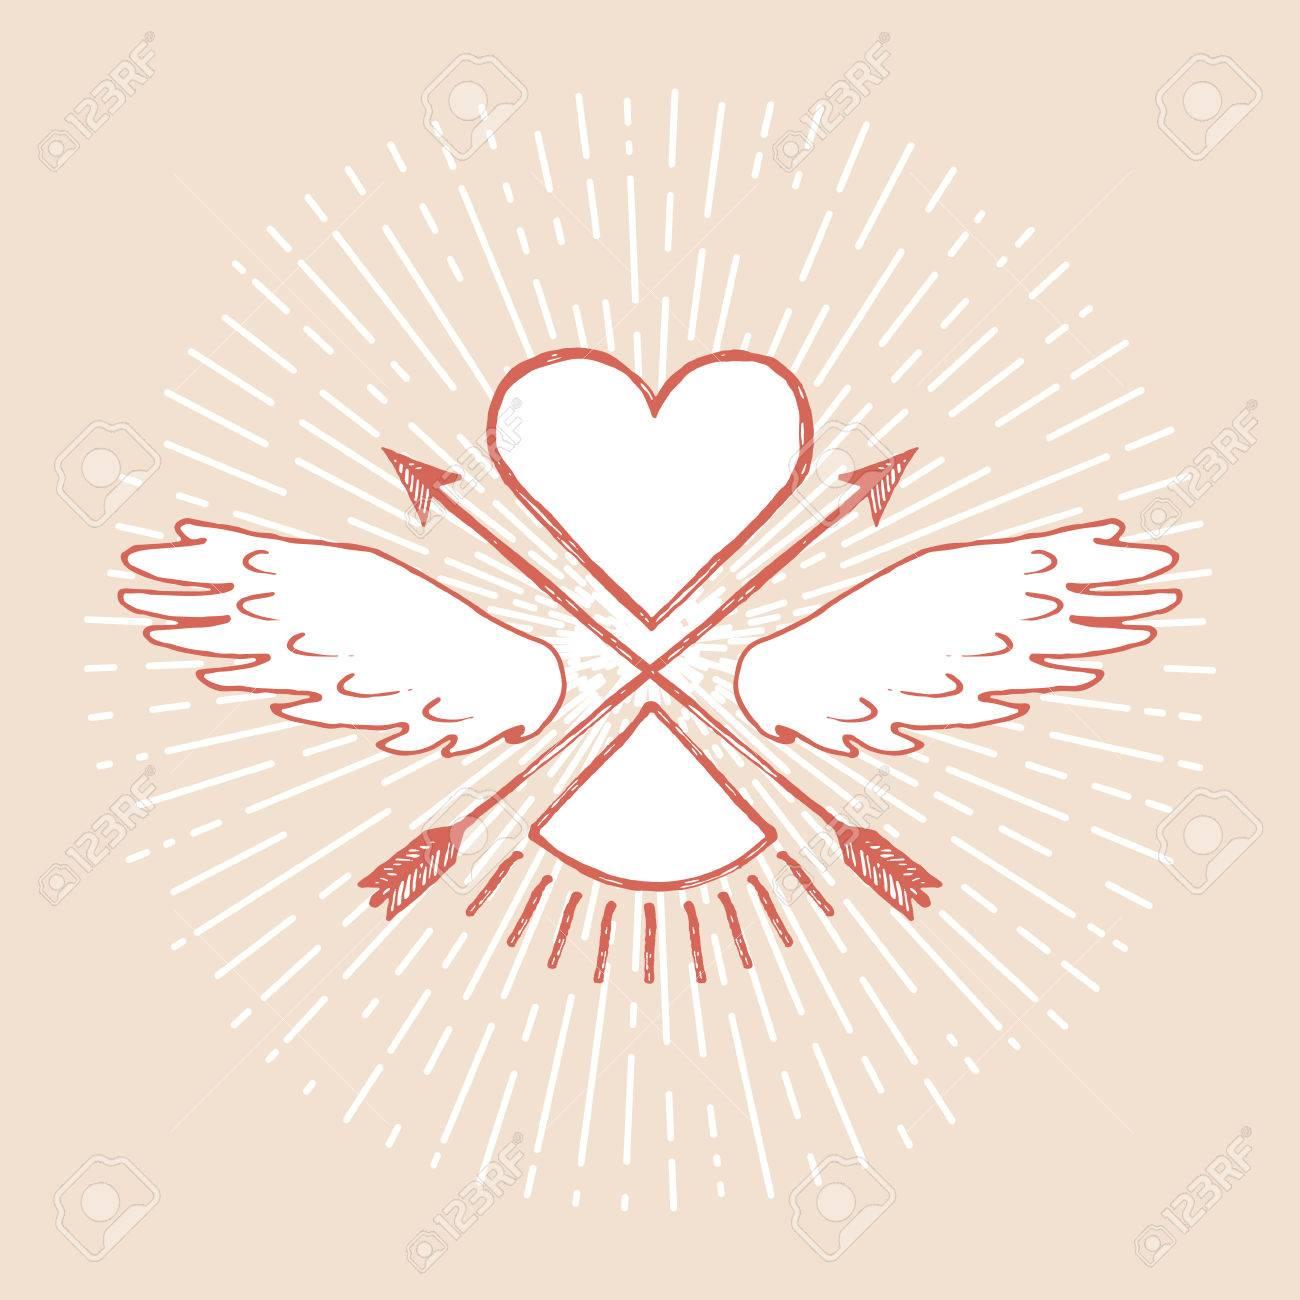 Herz Mit Flügeln Und Pfeile. Design Element Für Die Hochzeit Grußkarte,  Valentinsgrußtag Einladung